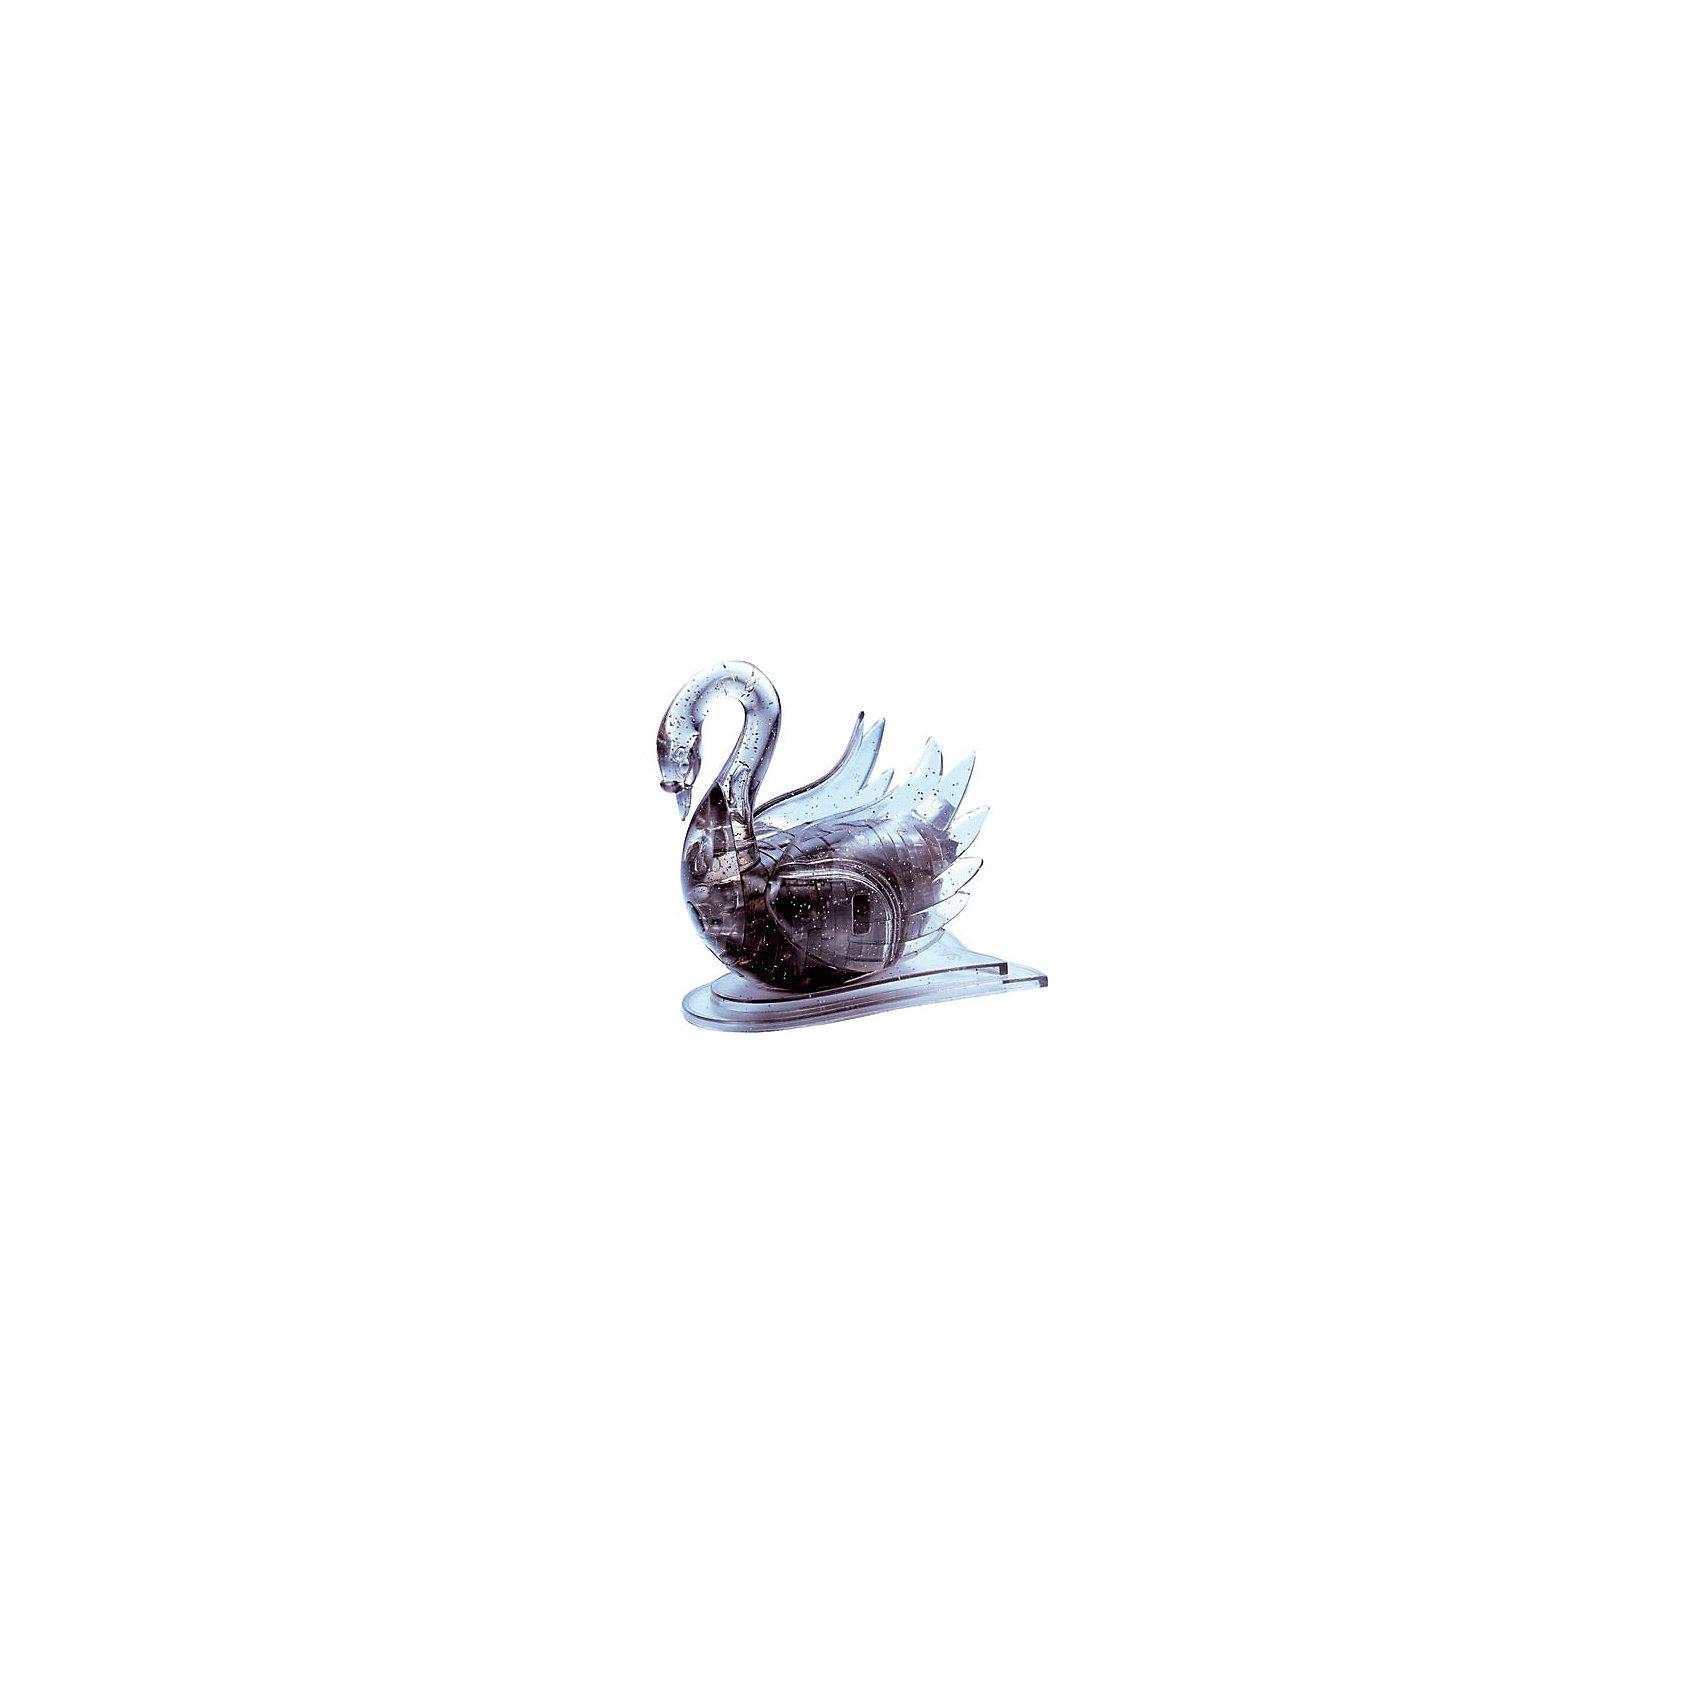 Кристаллический пазл 3D Черный лебедь, Crystal Puzzle3D пазлы<br>Кристаллический пазл 3D Черный лебедь, Crystal Puzzle (Кристал Пазл)<br><br>Характеристики:<br><br>• яркий объемный пазл<br>• размер готовой фигурки: 8 см<br>• количество деталей: 44<br>• высокая сложность<br>• размер упаковки: 5х14х10 см<br>• вес: 235 грамм<br>• материал: пластик<br><br>Кристаллический пазл 3D Черный лебедь- сложная головоломка для детей и взрослых. В качестве подсказок можно использовать инструкцию, в которой вы найдете правильную нумерацию деталей. В комплект входят 44 детали. Соберите их, и прекрасный сверкающий лебедь будет радовать вас своей красотой! Пазлы хорошо развивают мелкую моторику, пространственное и логическое мышление.<br><br>Кристаллический пазл 3D Черный лебедь, Crystal Puzzle (Кристал Пазл) вы можете купить в нашем интернет-магазине.<br><br>Ширина мм: 100<br>Глубина мм: 140<br>Высота мм: 50<br>Вес г: 235<br>Возраст от месяцев: 120<br>Возраст до месяцев: 2147483647<br>Пол: Женский<br>Возраст: Детский<br>SKU: 5397224